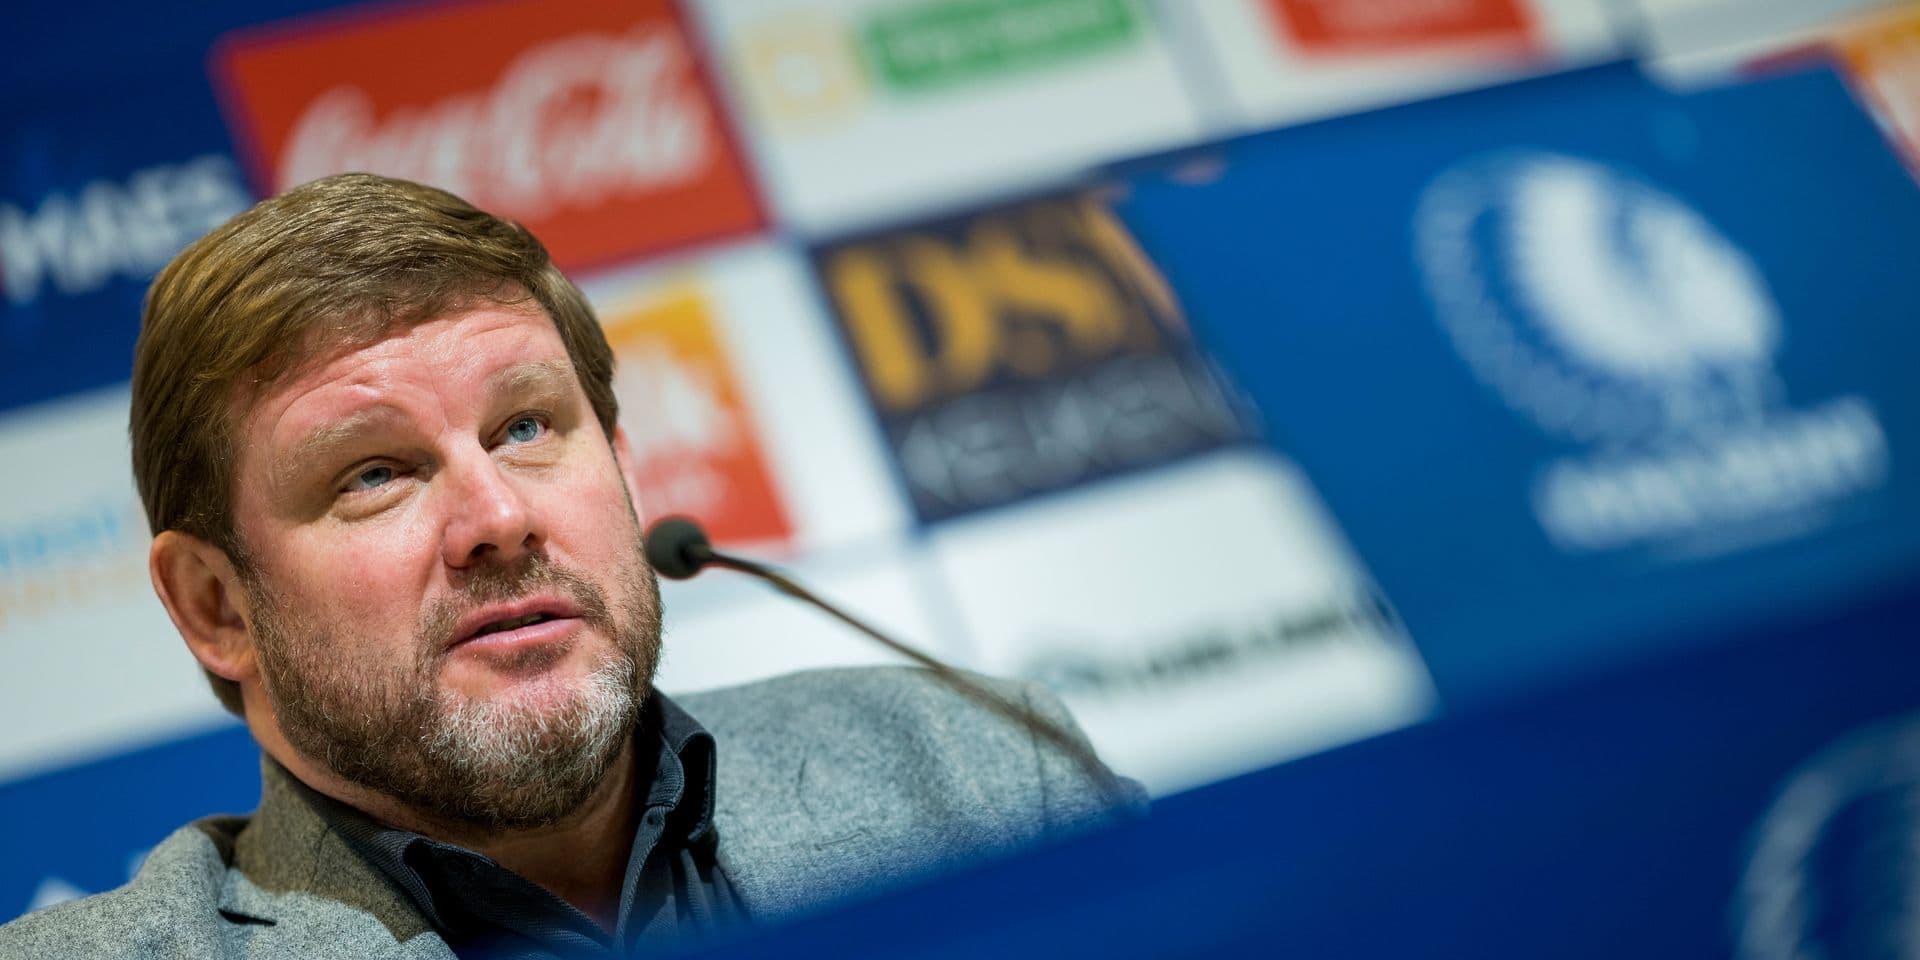 """Vanhaezebrouck de retour au Parc Astrid: """"La tempête ne s'est pas encore calmée à Anderlecht"""""""